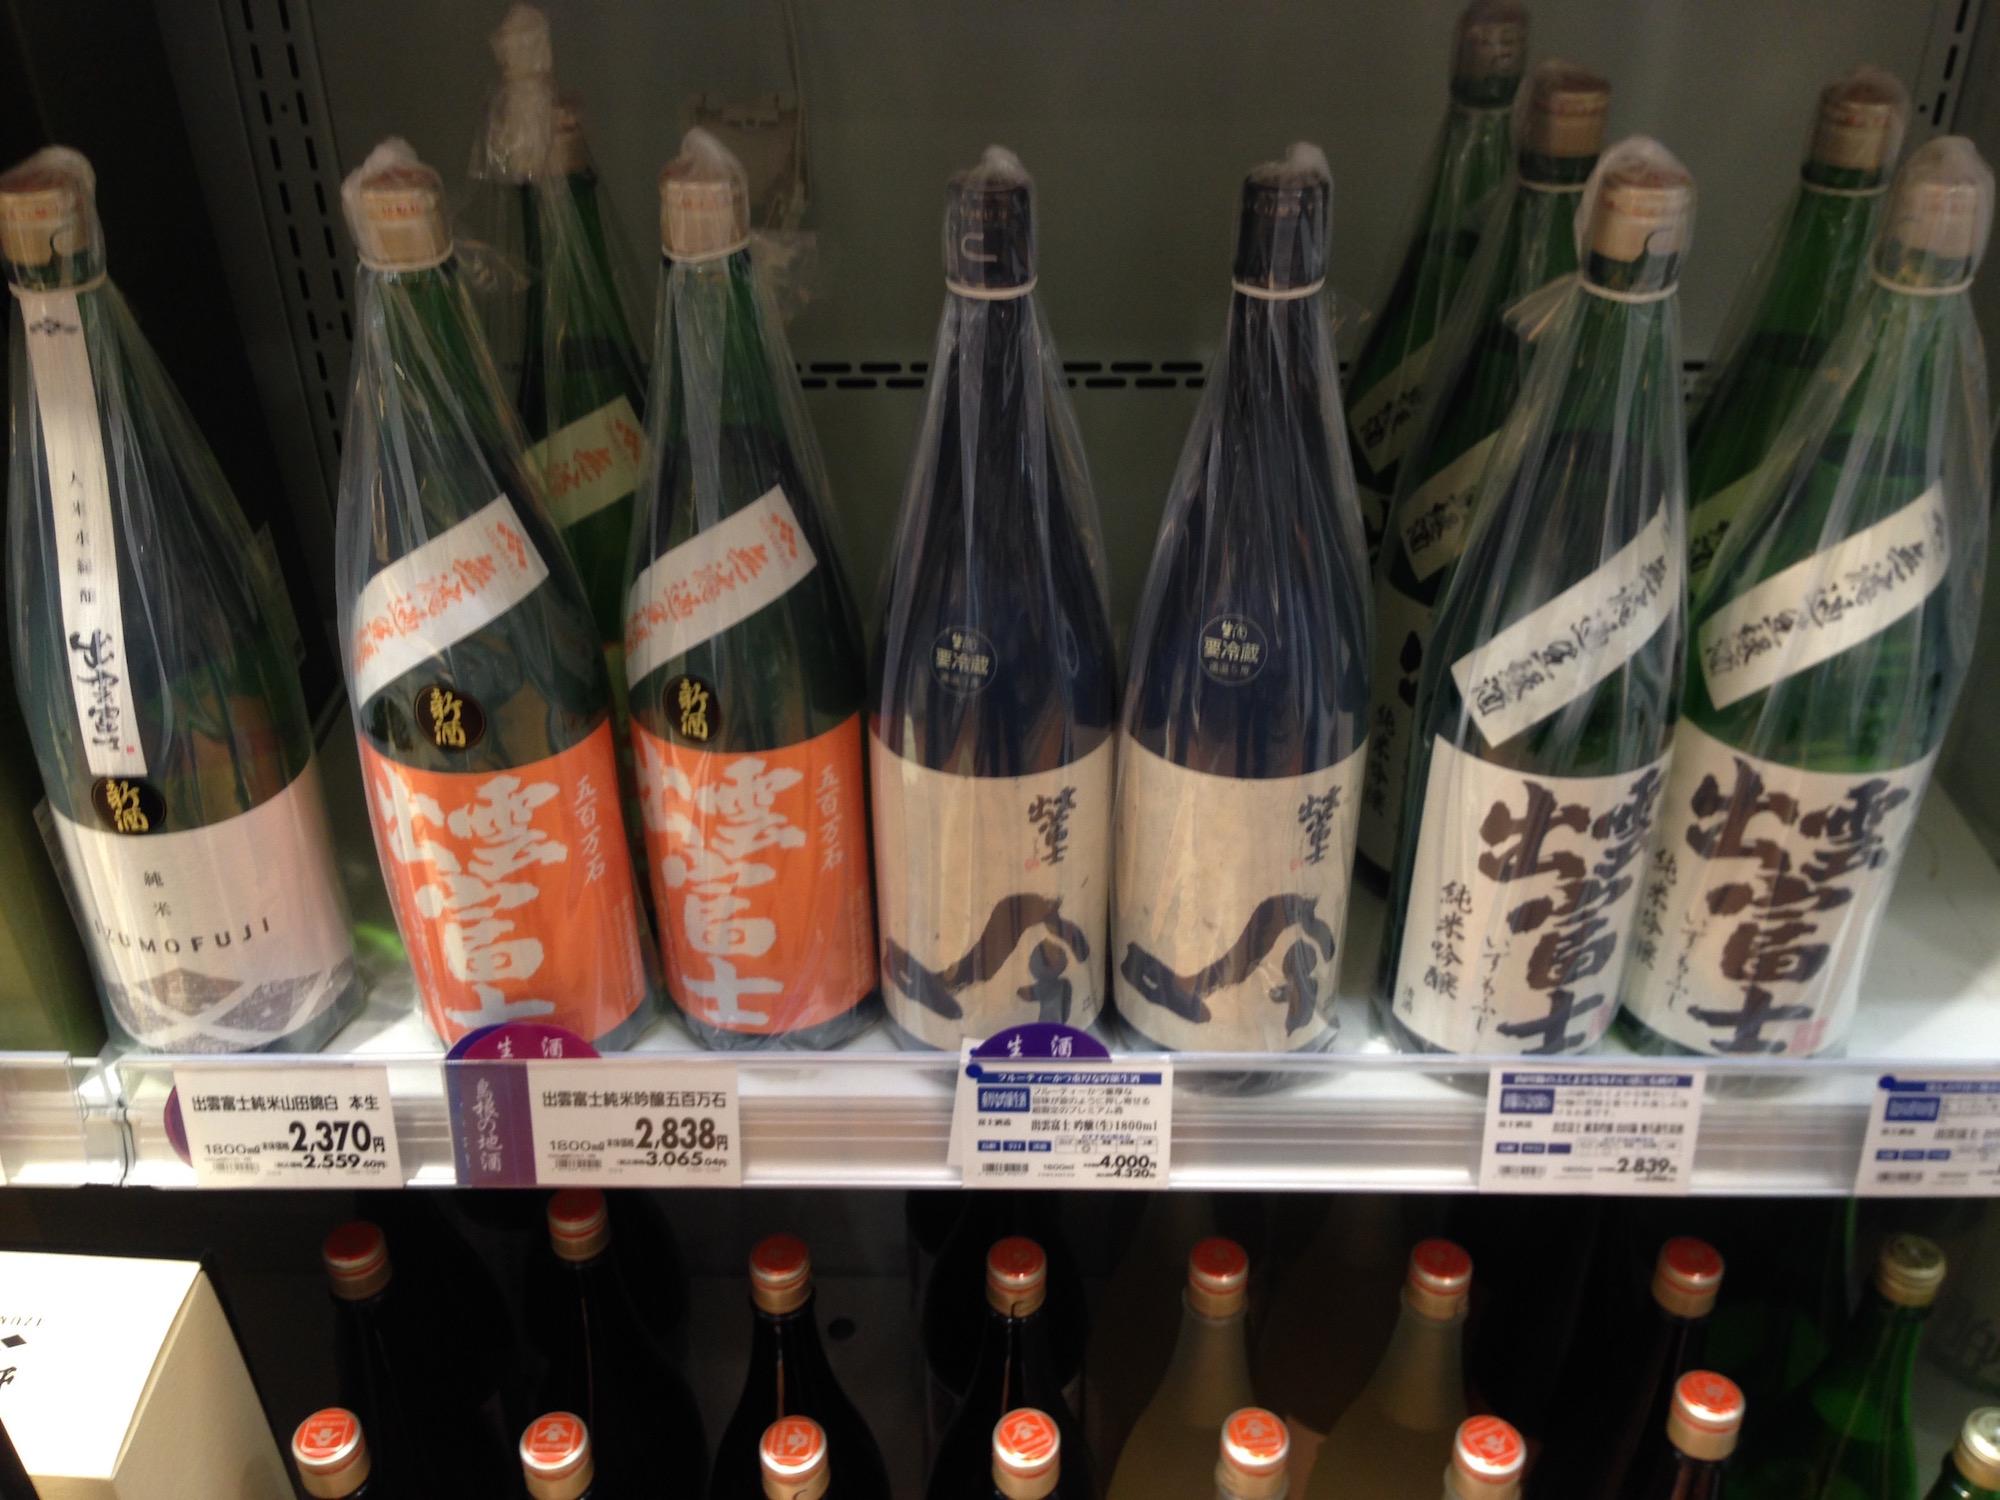 イオンスタイル出雲:島根地酒の品揃えが豊富すぎる!